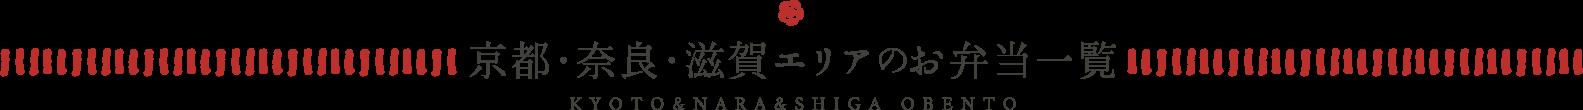 京都・奈良・滋賀エリアのお弁当一覧